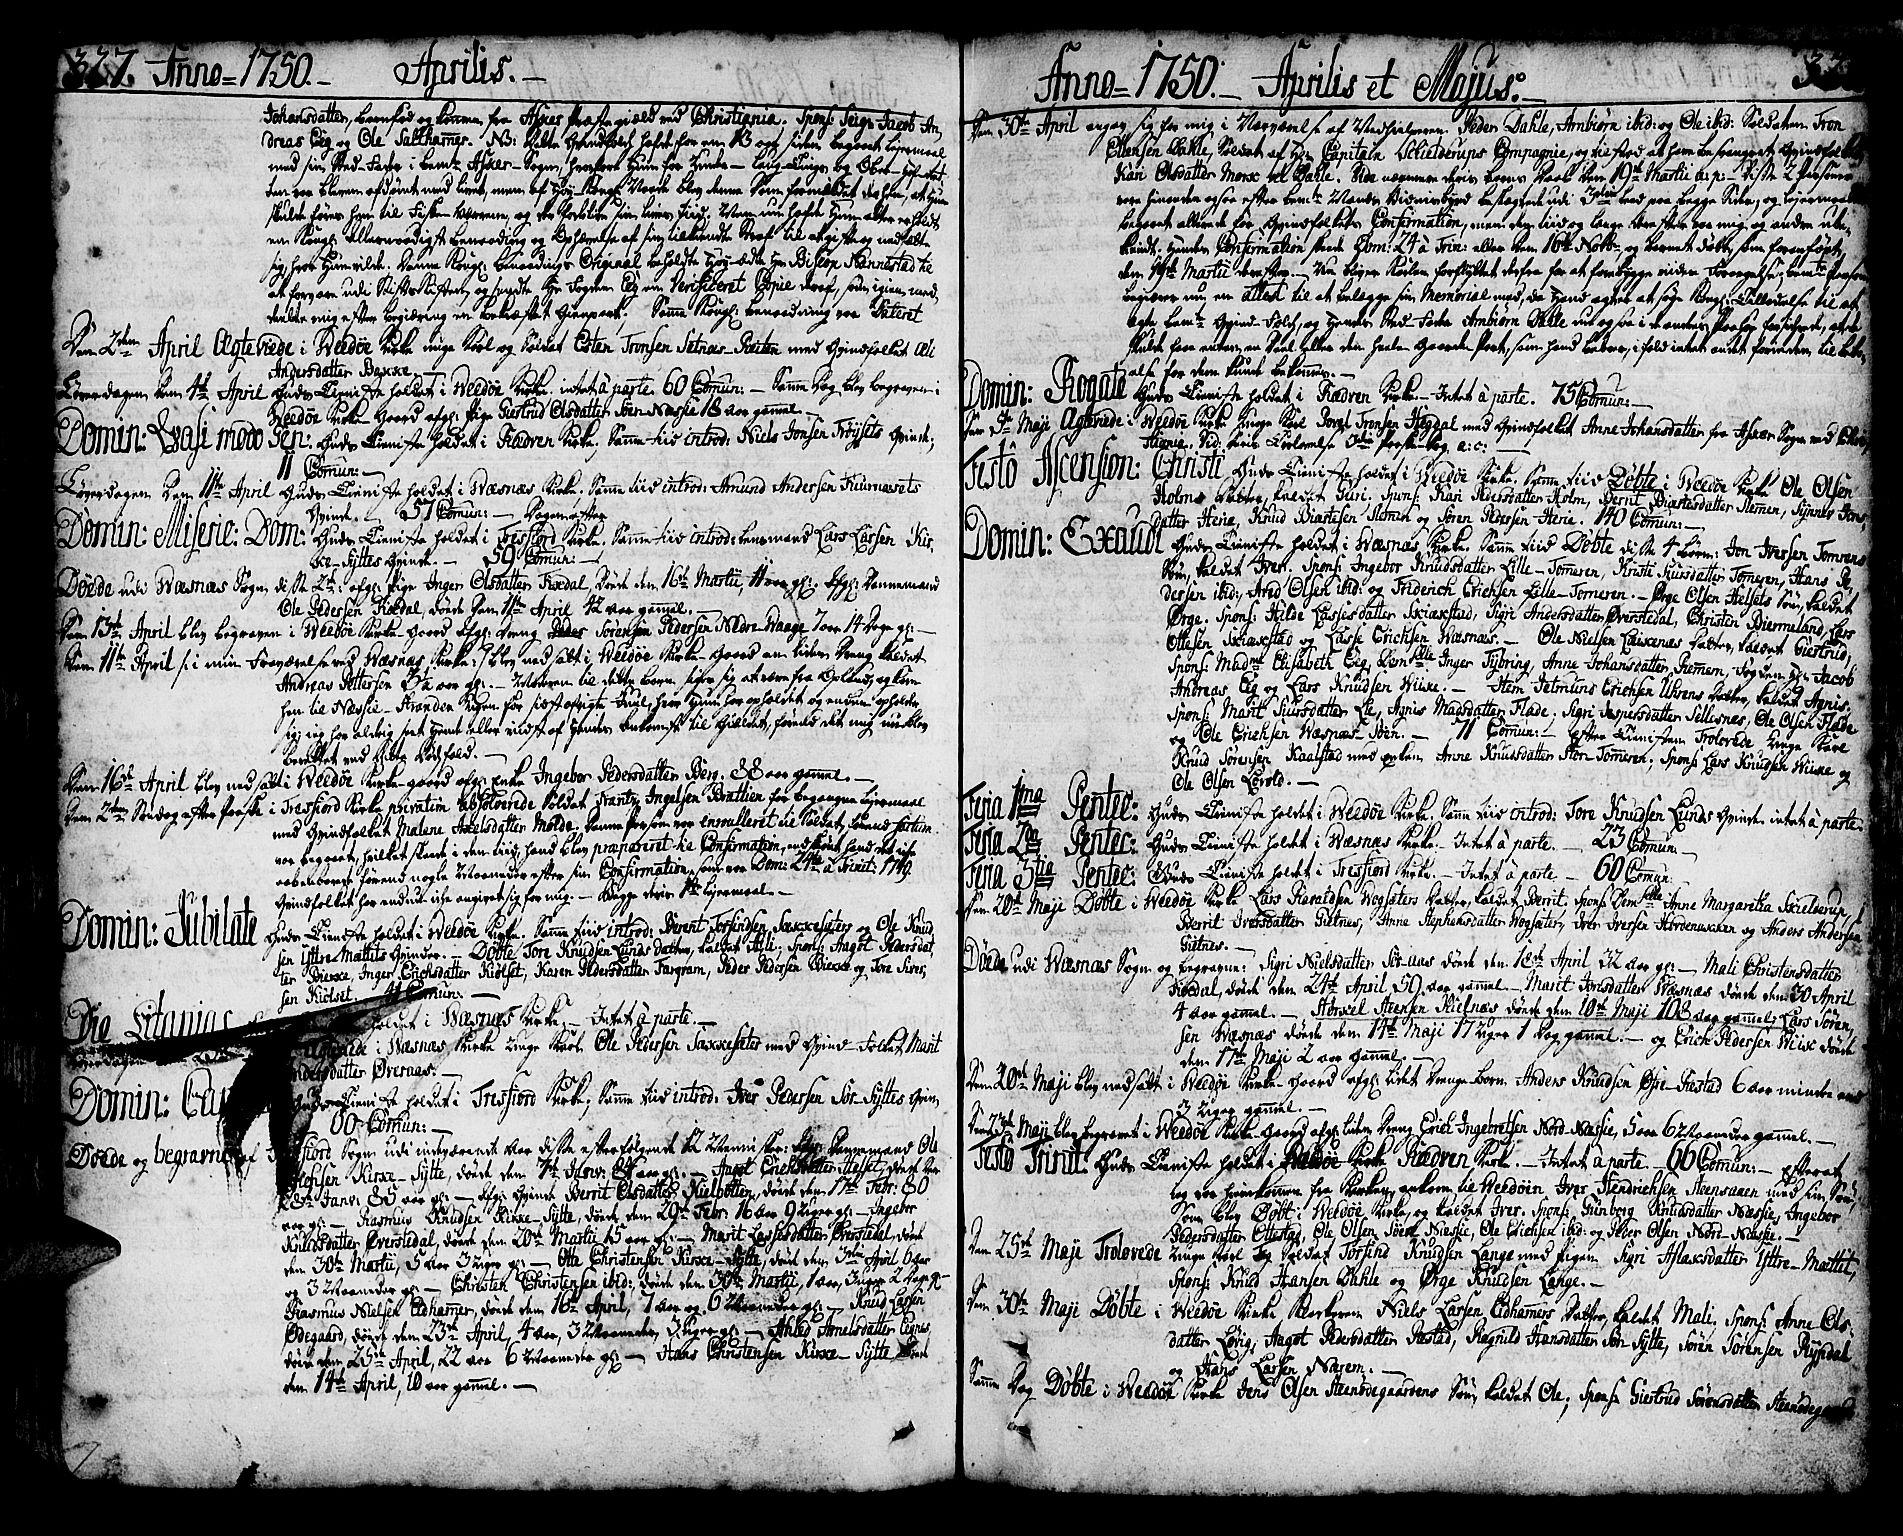 SAT, Ministerialprotokoller, klokkerbøker og fødselsregistre - Møre og Romsdal, 547/L0599: Ministerialbok nr. 547A01, 1721-1764, s. 327-328